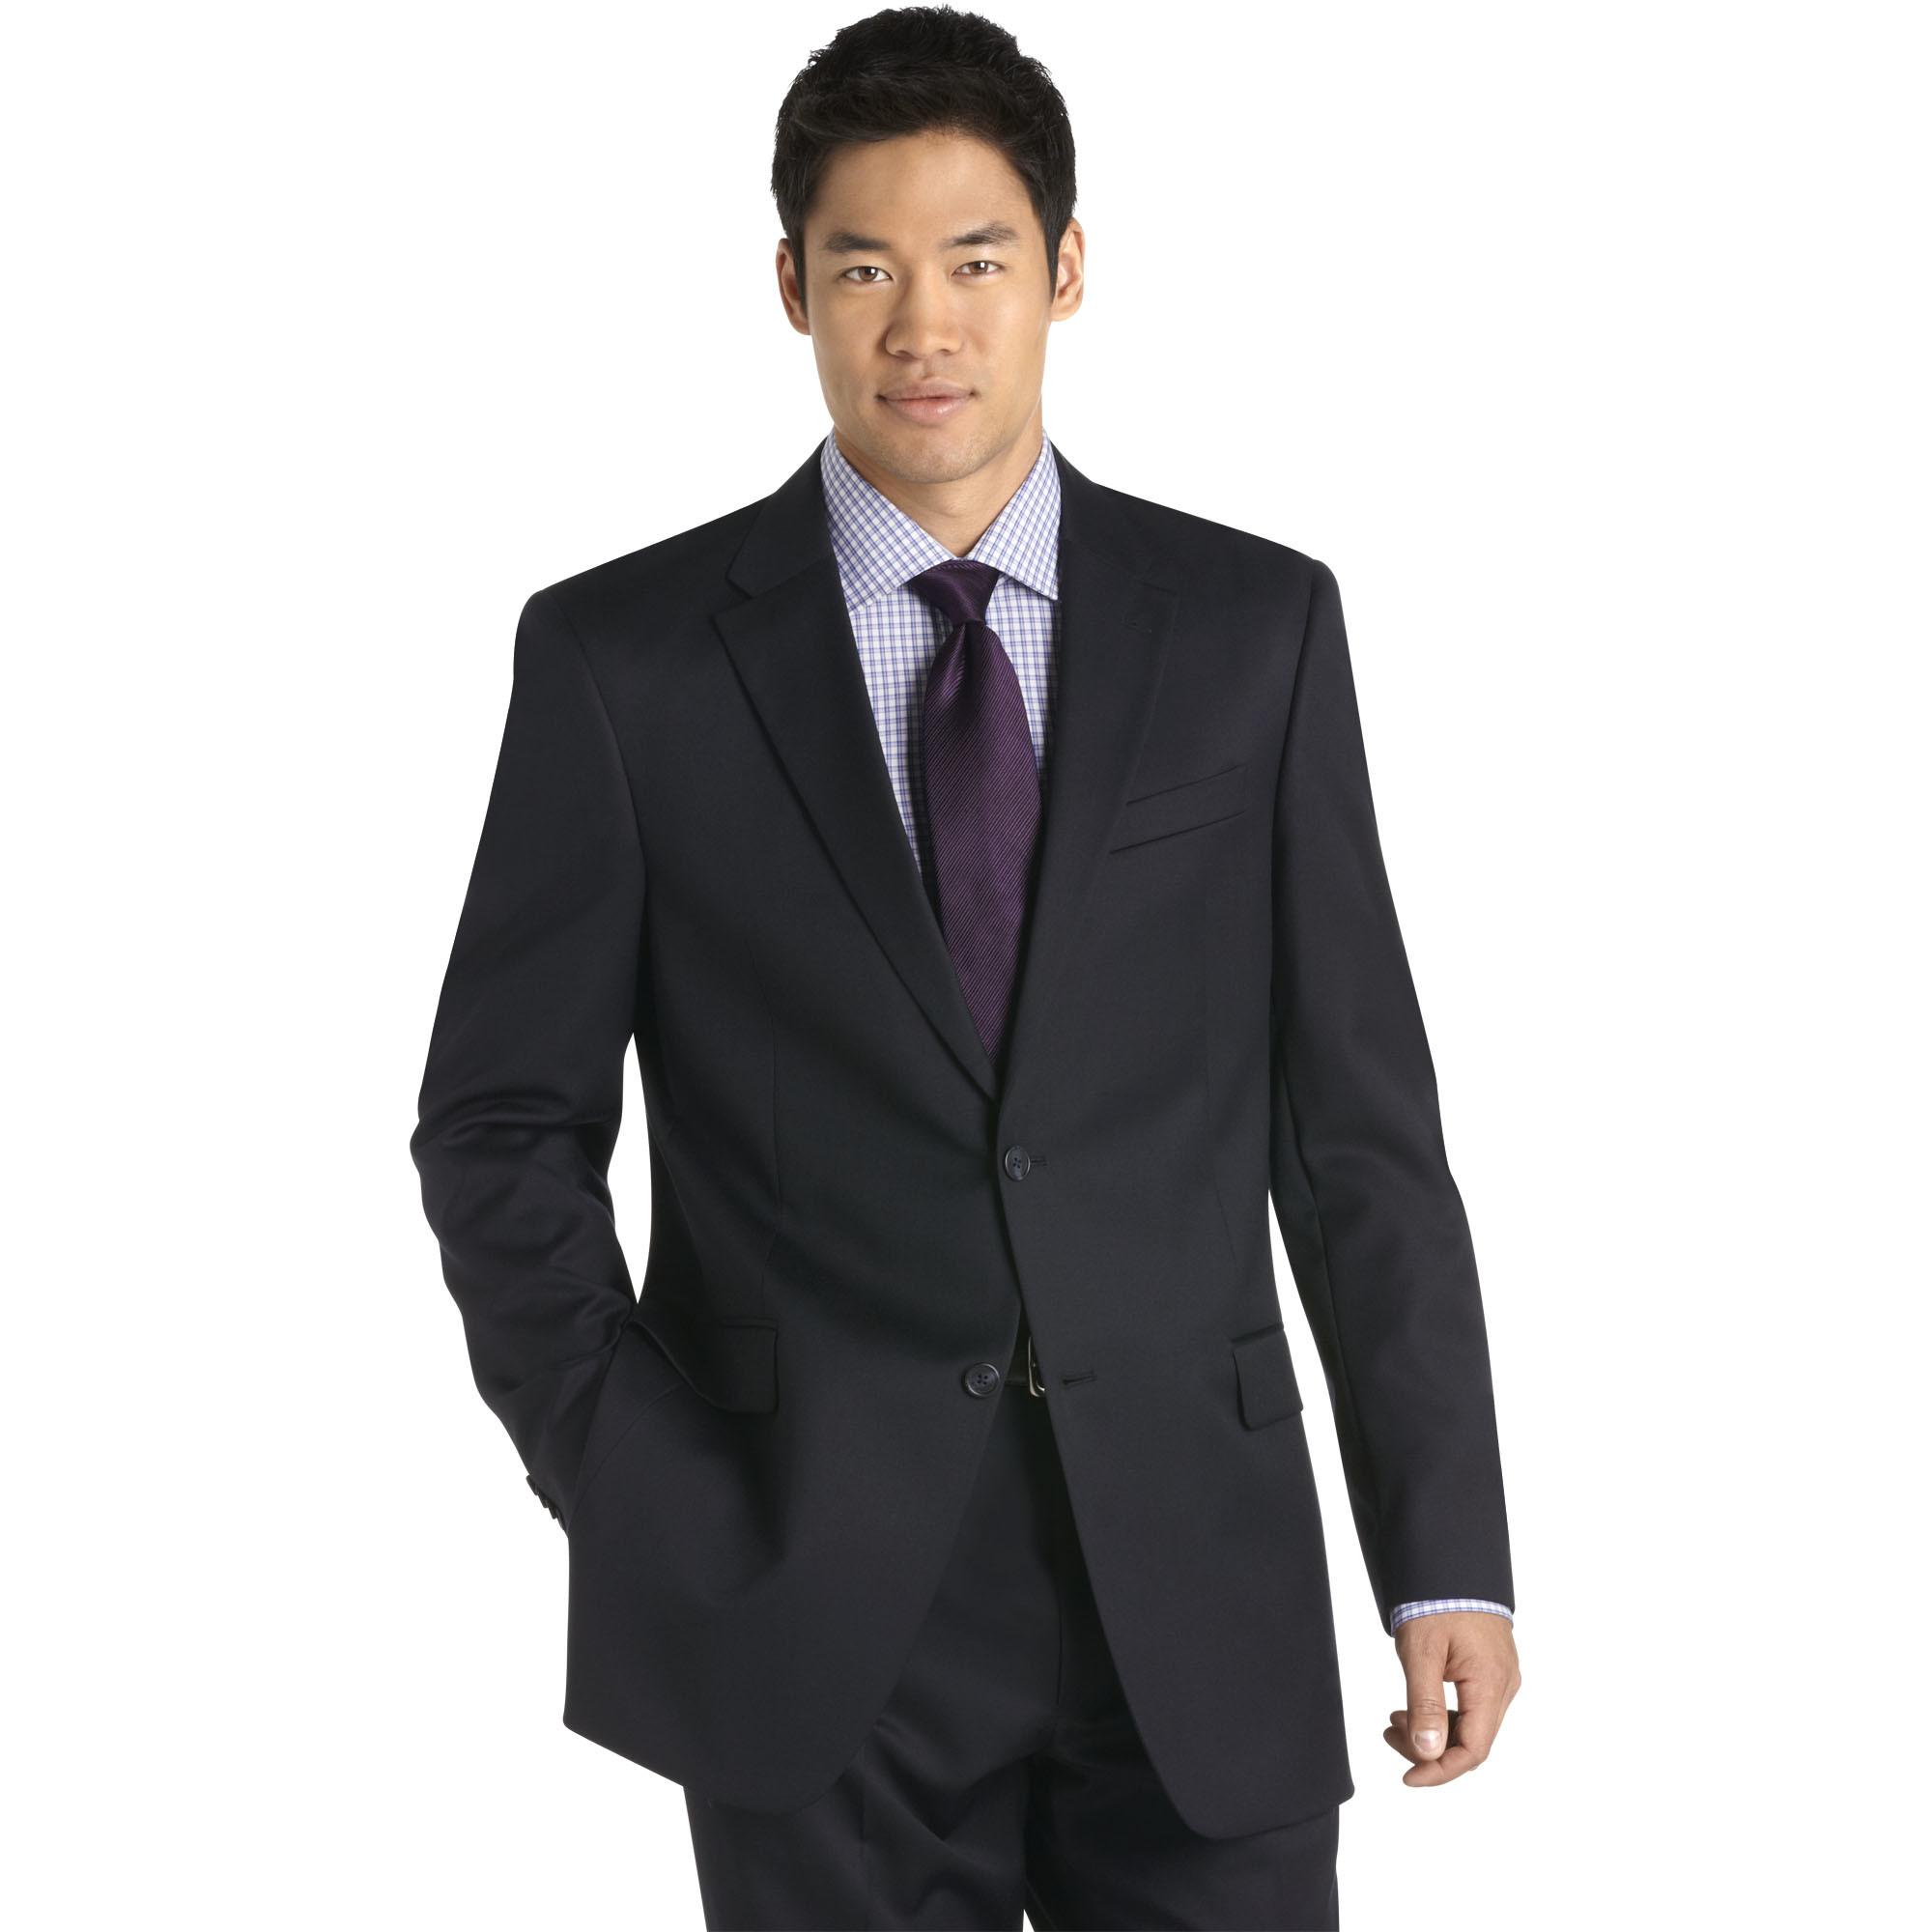 Asian men suit